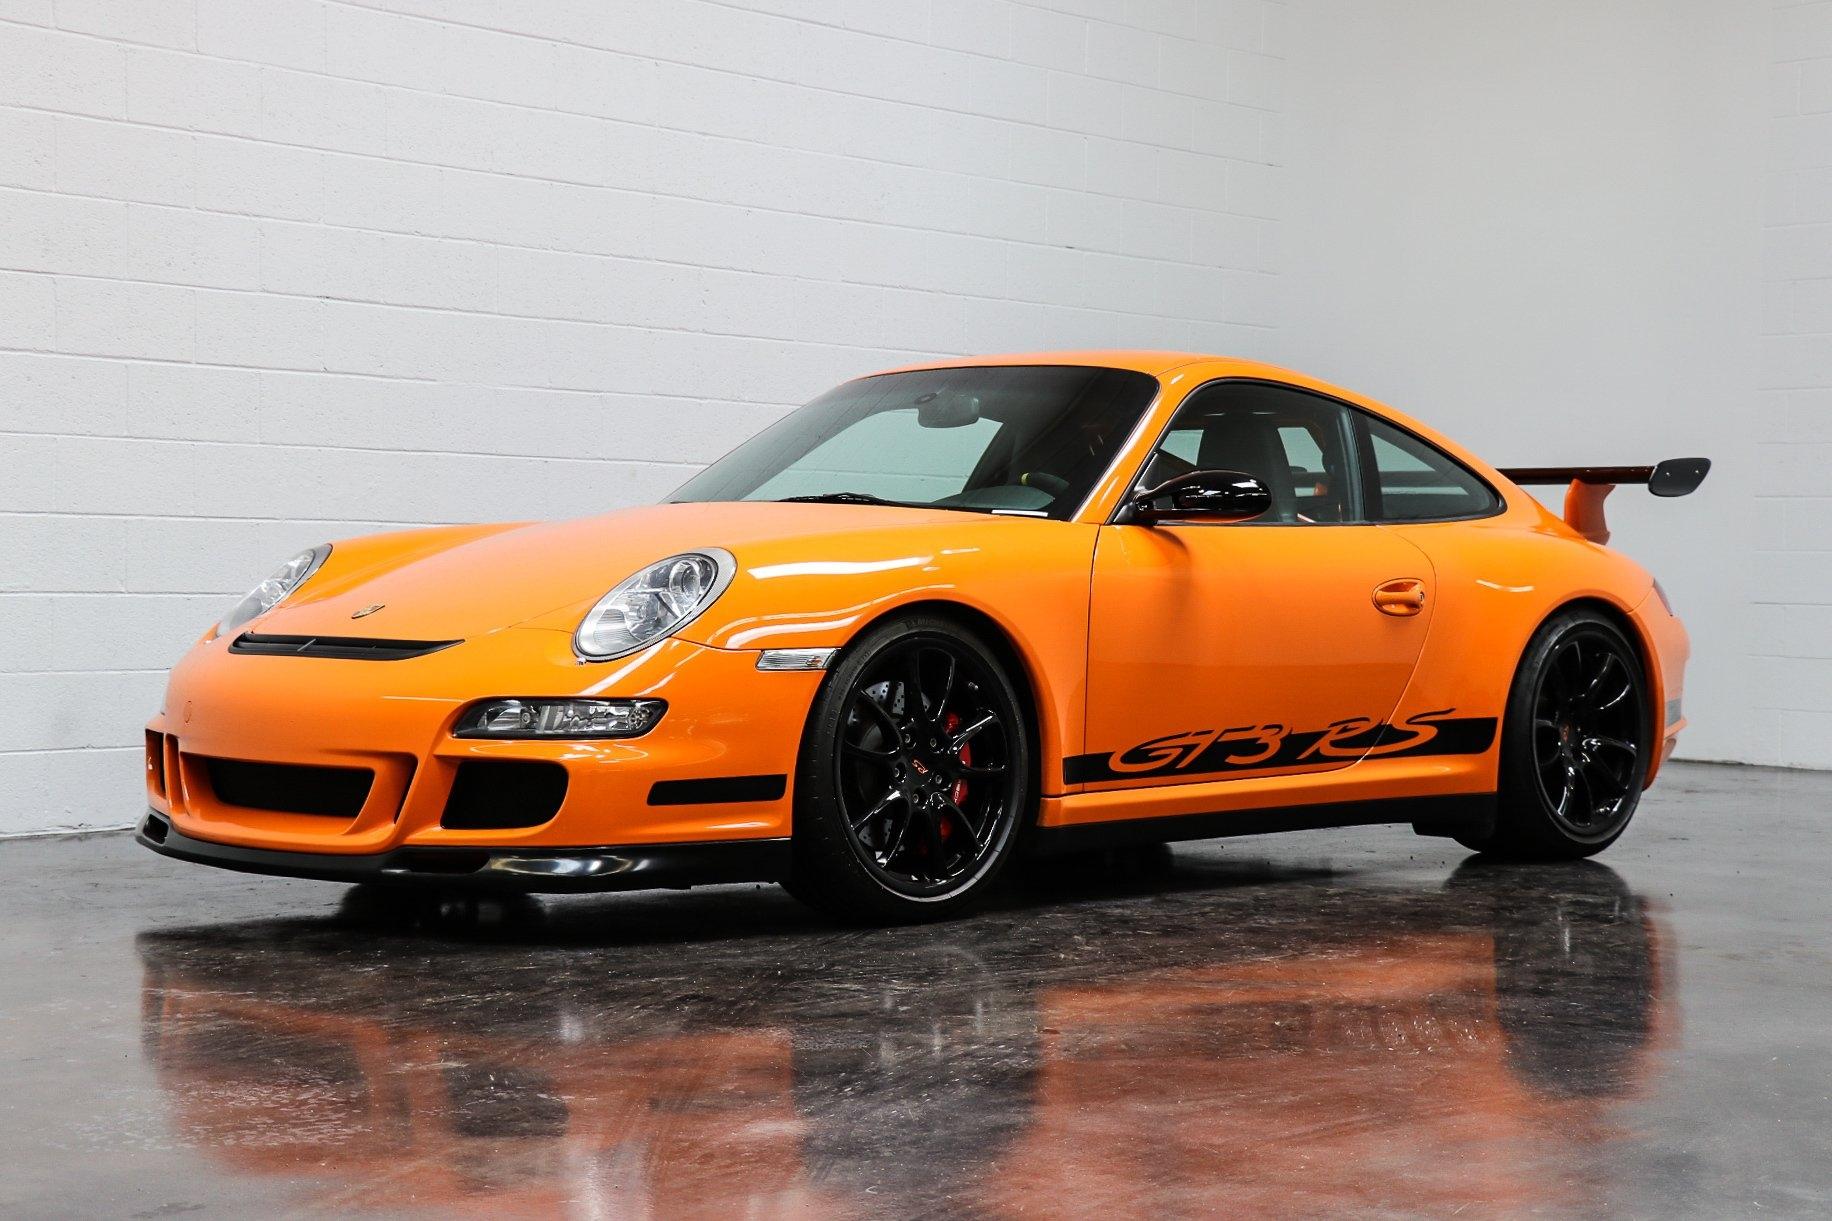 Porsche 997.1 GT3 RS 2008 - elferspot.com - Marktplatz für ...